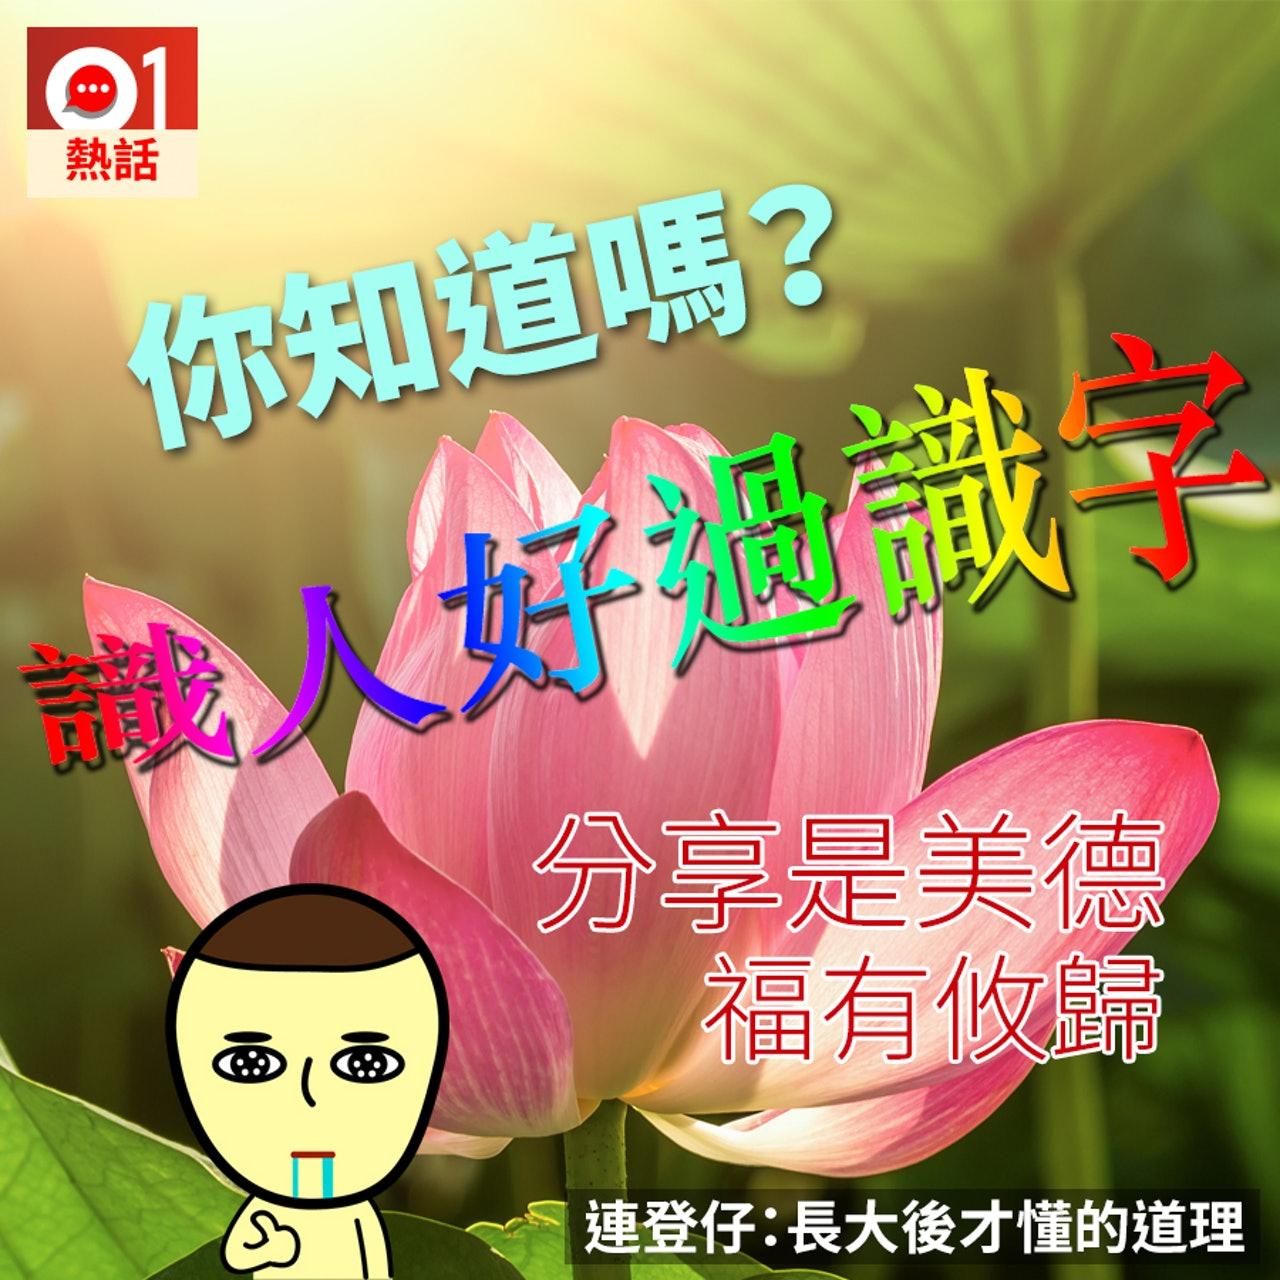 https://cdn.hk01.com/di/media/images/1063735/org/58278d22de84c9d816d59303ea67c880.jpg/7mPaRI5jYd55TUJg6jF202JhvZ-VFANfDILD8QyCw_E?v=w1280